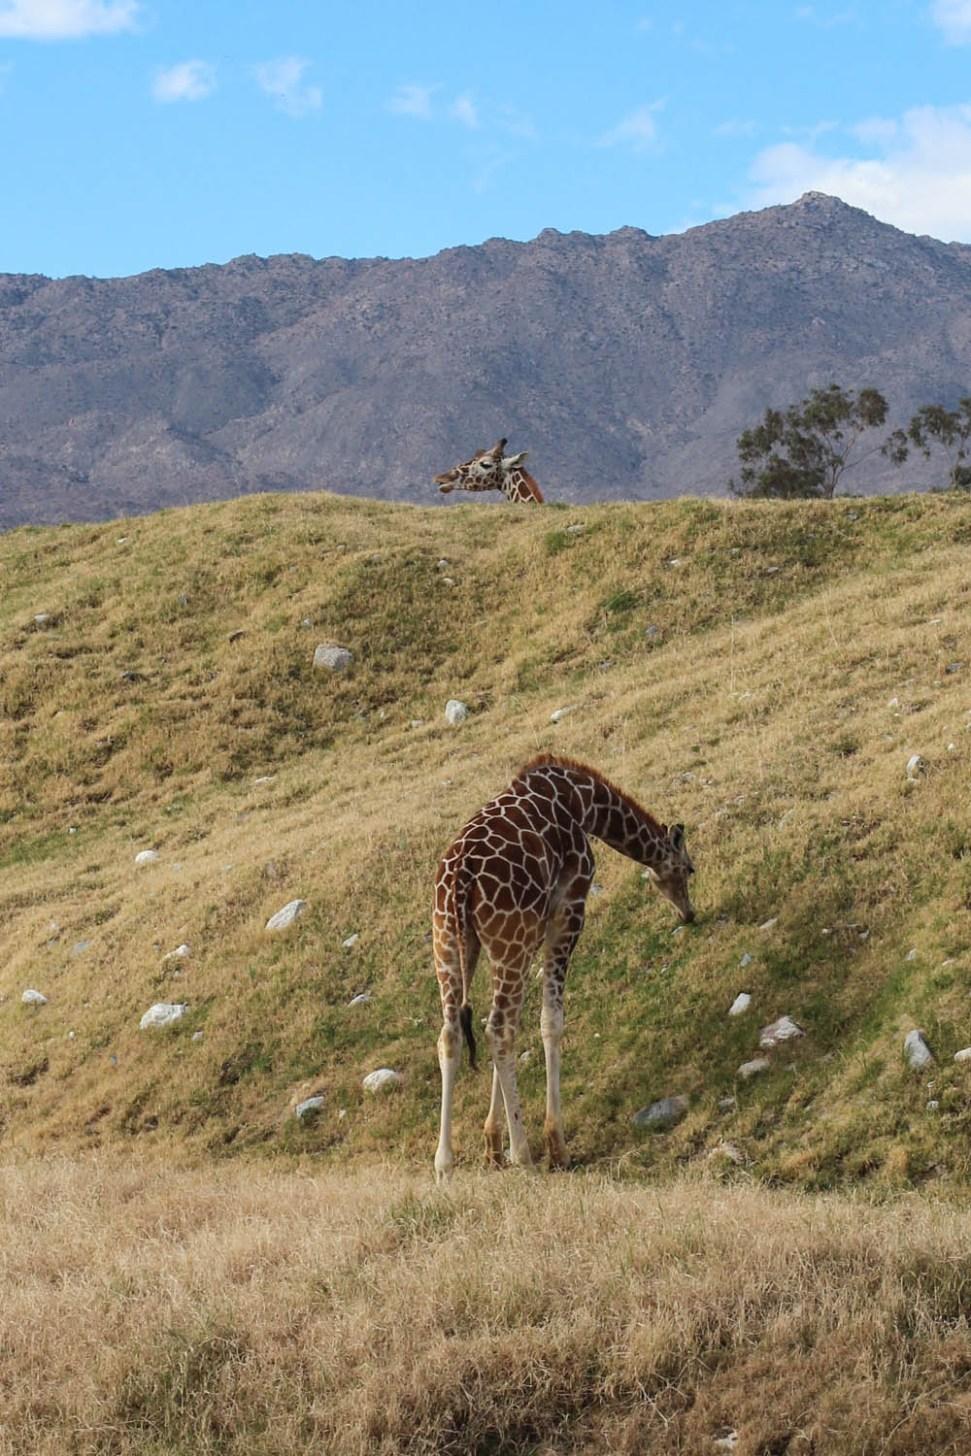 Giraffsss